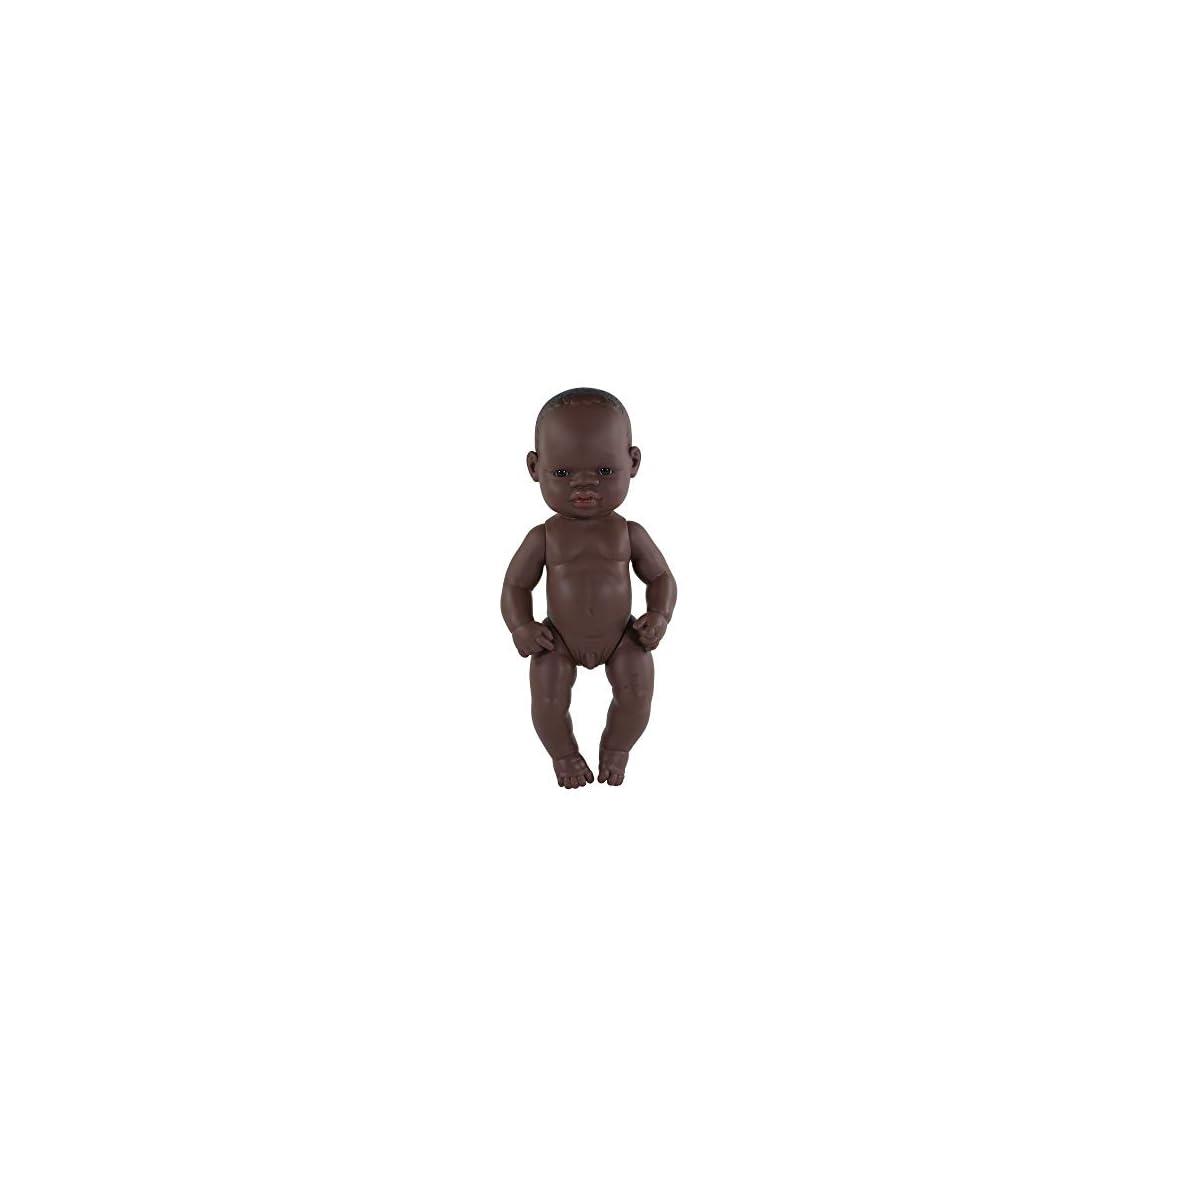 Miniland-Baby-Africano-Nino-32cm-Muneco-Color-Piel-31033